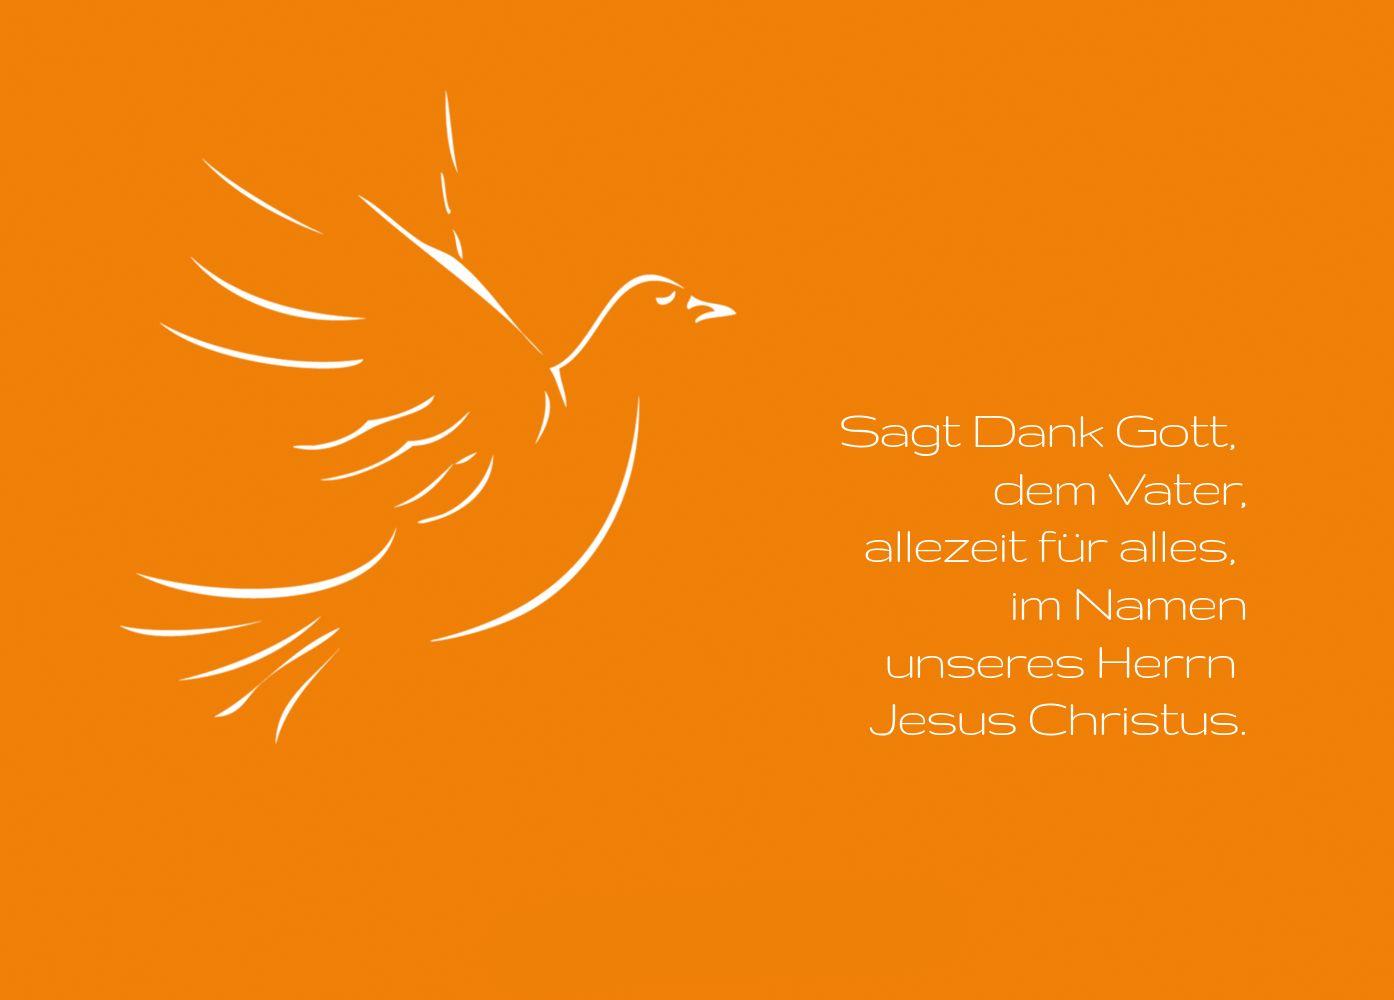 Ansicht 2 - Konfirmation Dankeskarte Pigeon